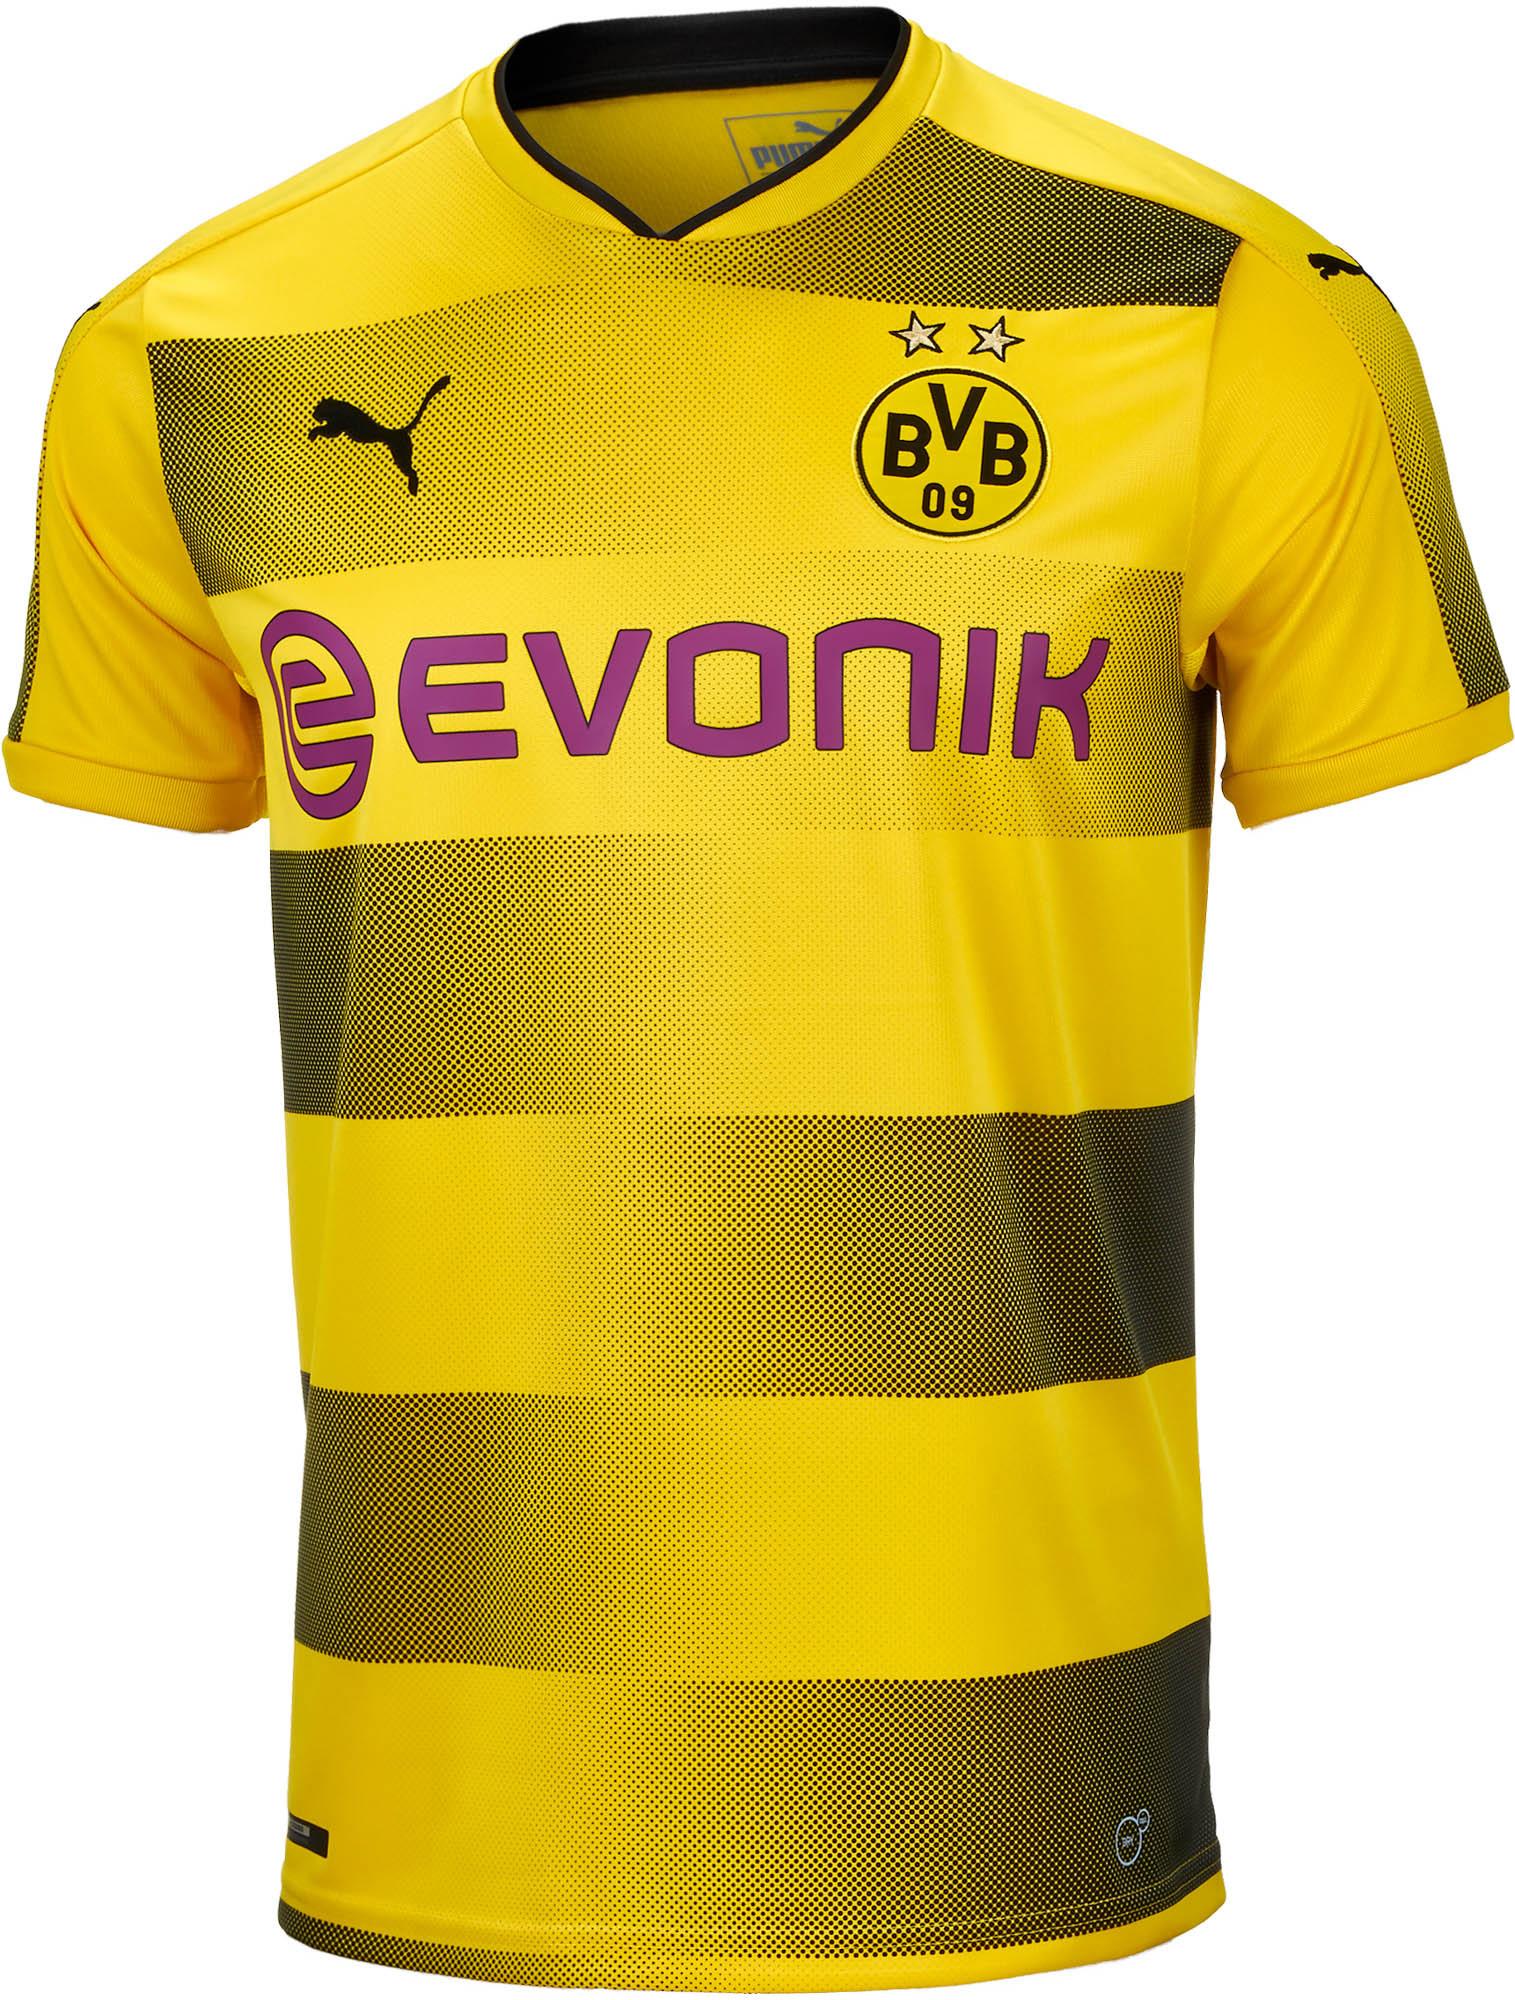 1c60325e8 2017 18 Puma Borussia Dortmund Home Jersey - SoccerPro.com